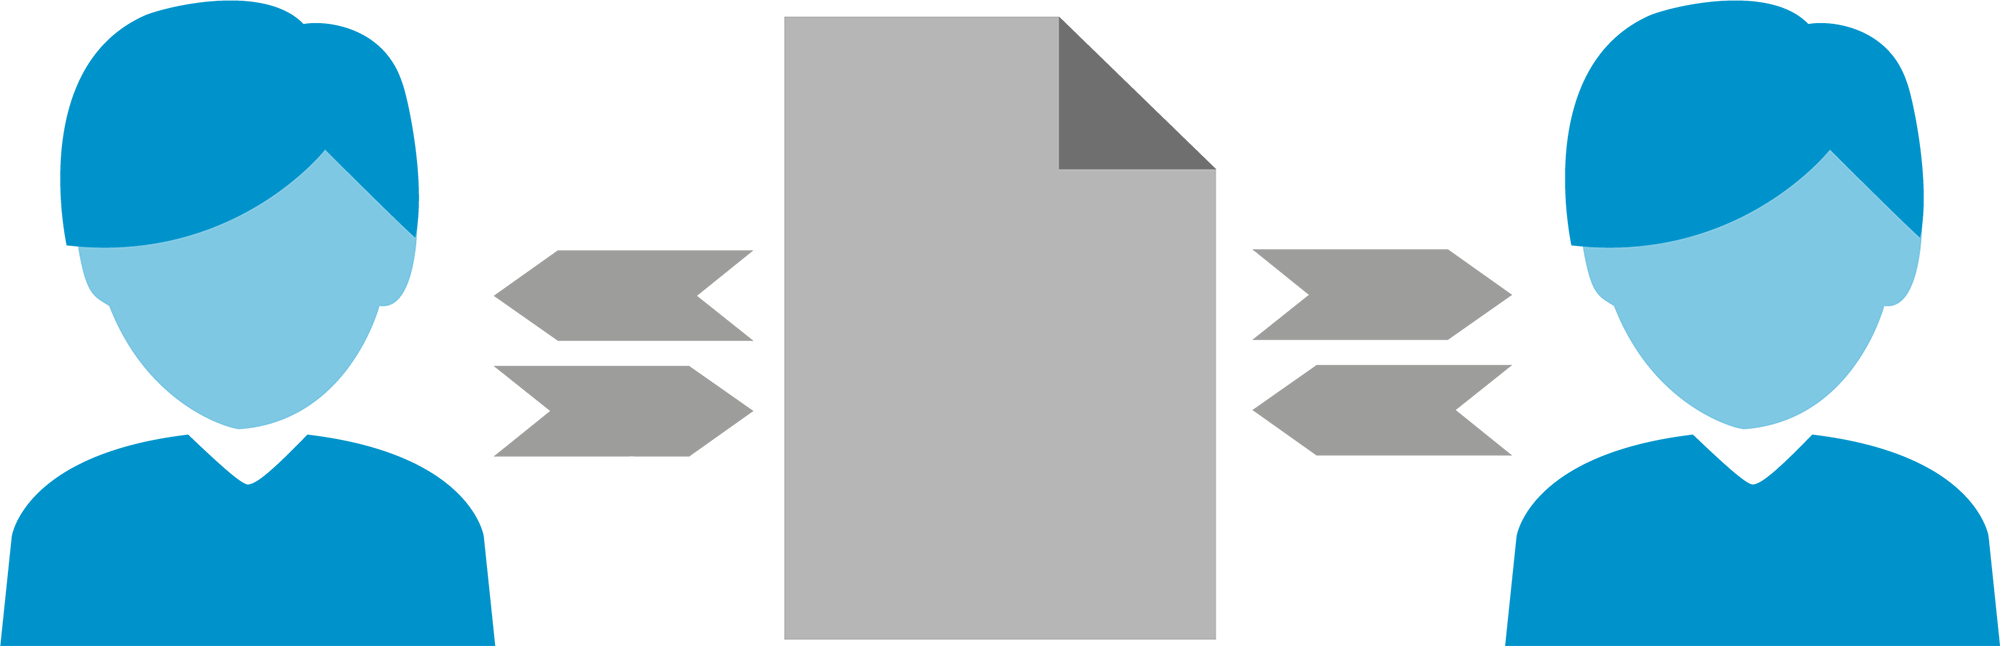 Indirekter Transfer zwischen Sender und Empfänger